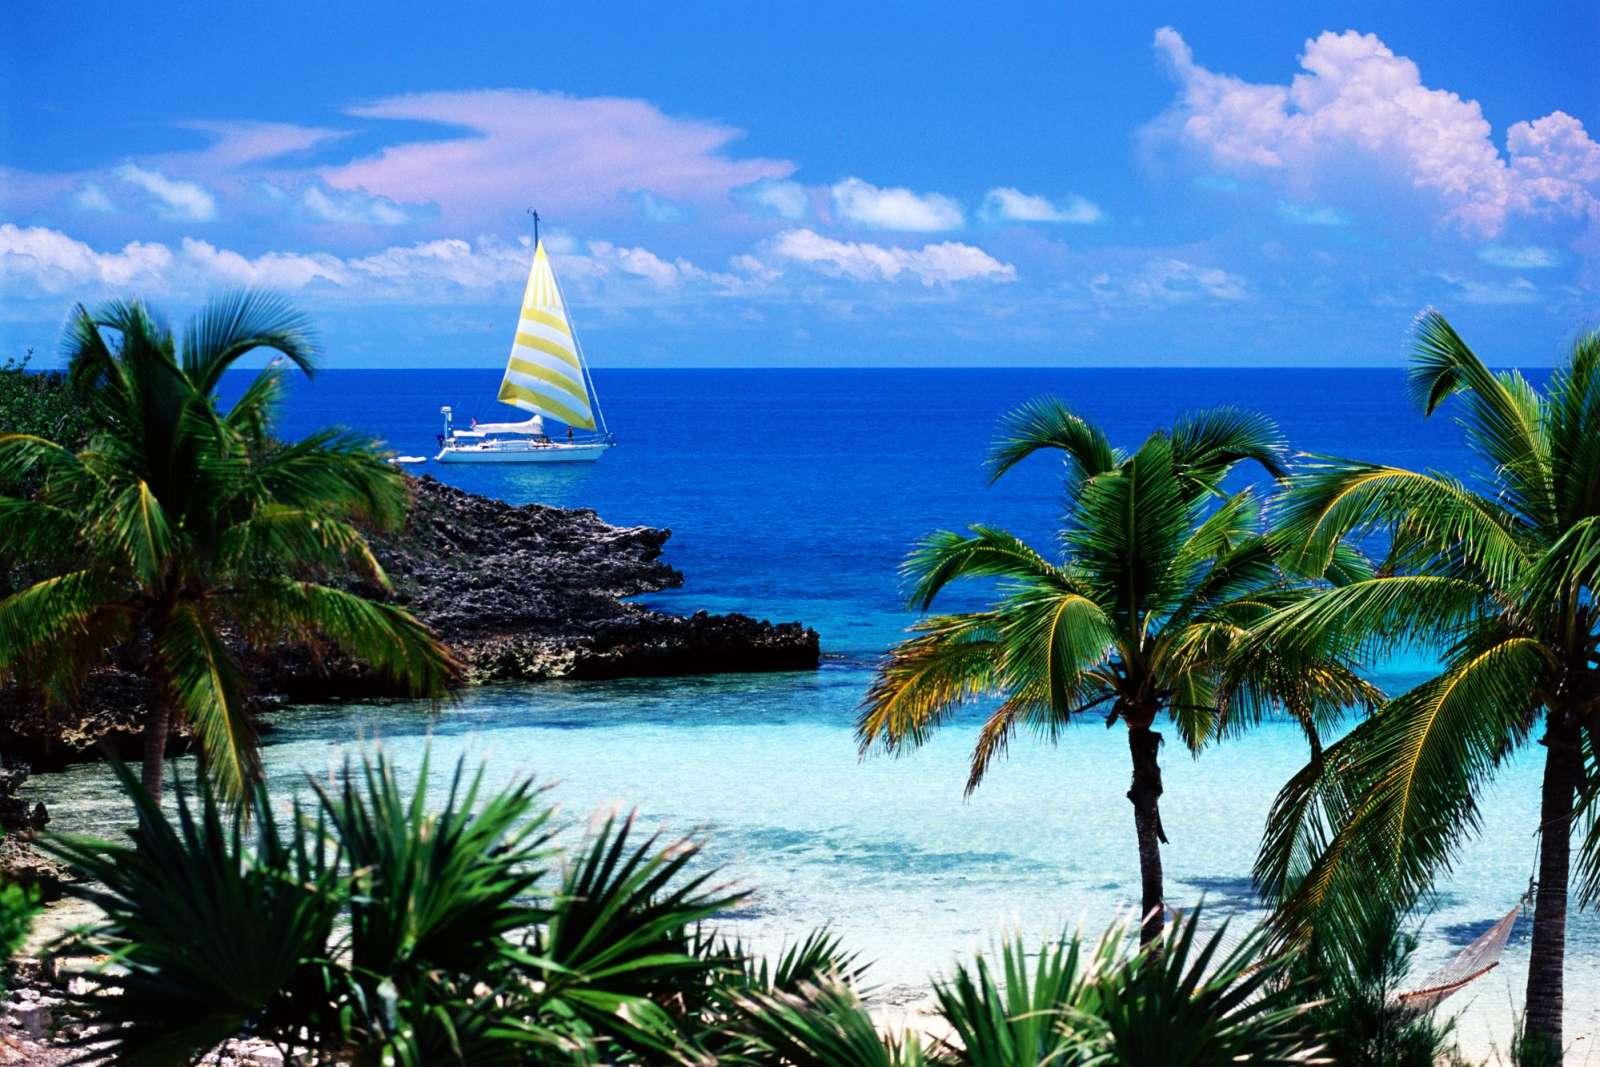 caribbean island wallpaper free - wallpapersafari